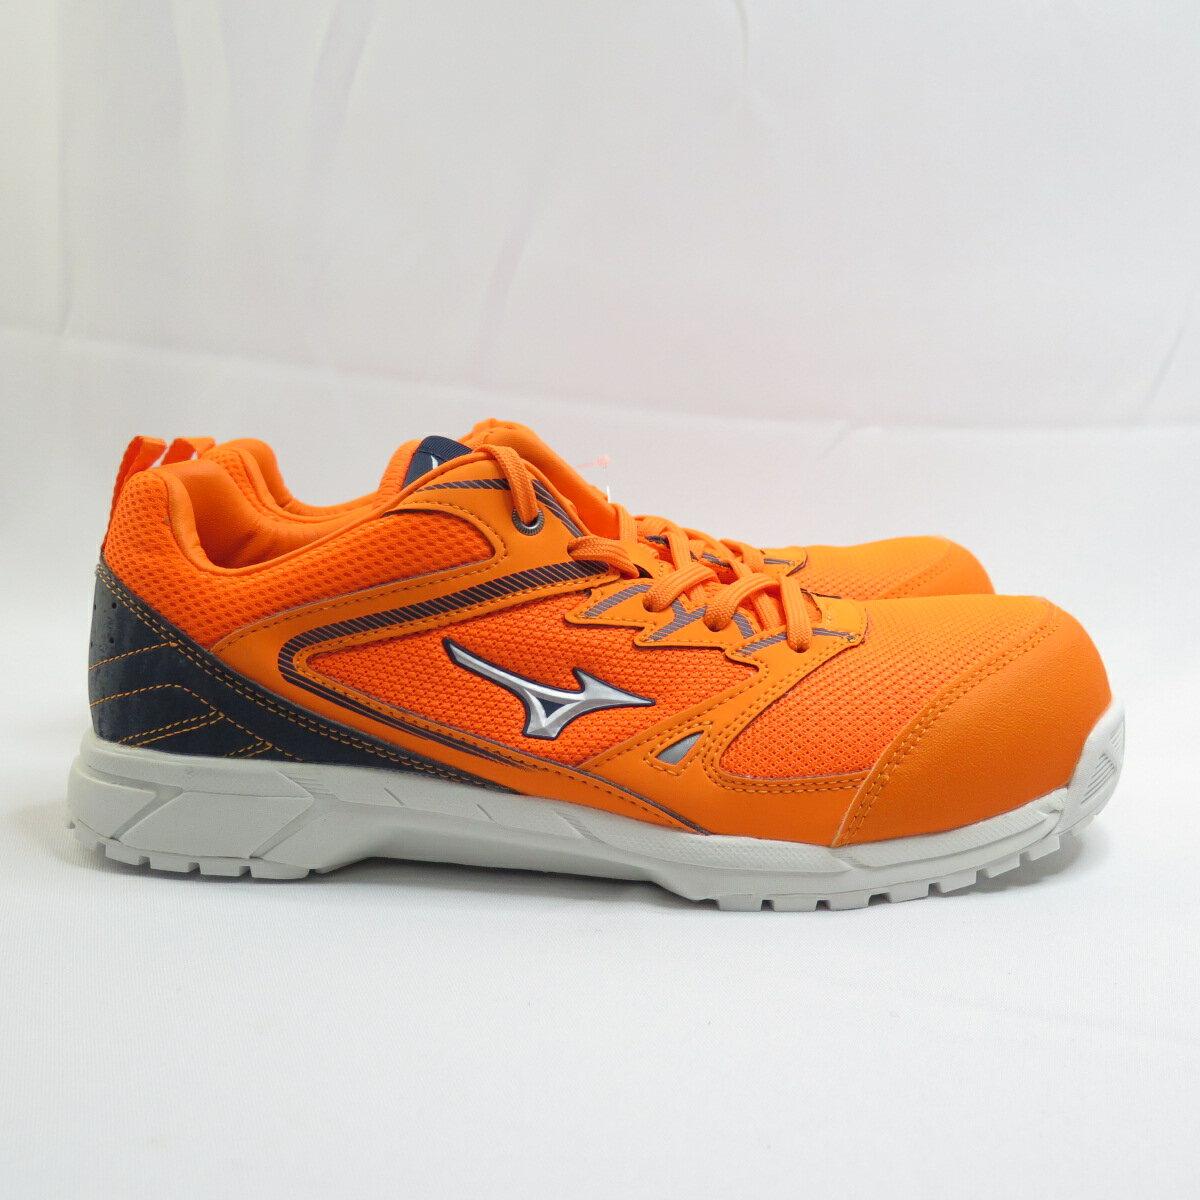 【滿額領券折$150】Mizuno VS防護鞋 男款 工作安全鞋 F1GA201054 螢光橘 橘【iSport愛運動】